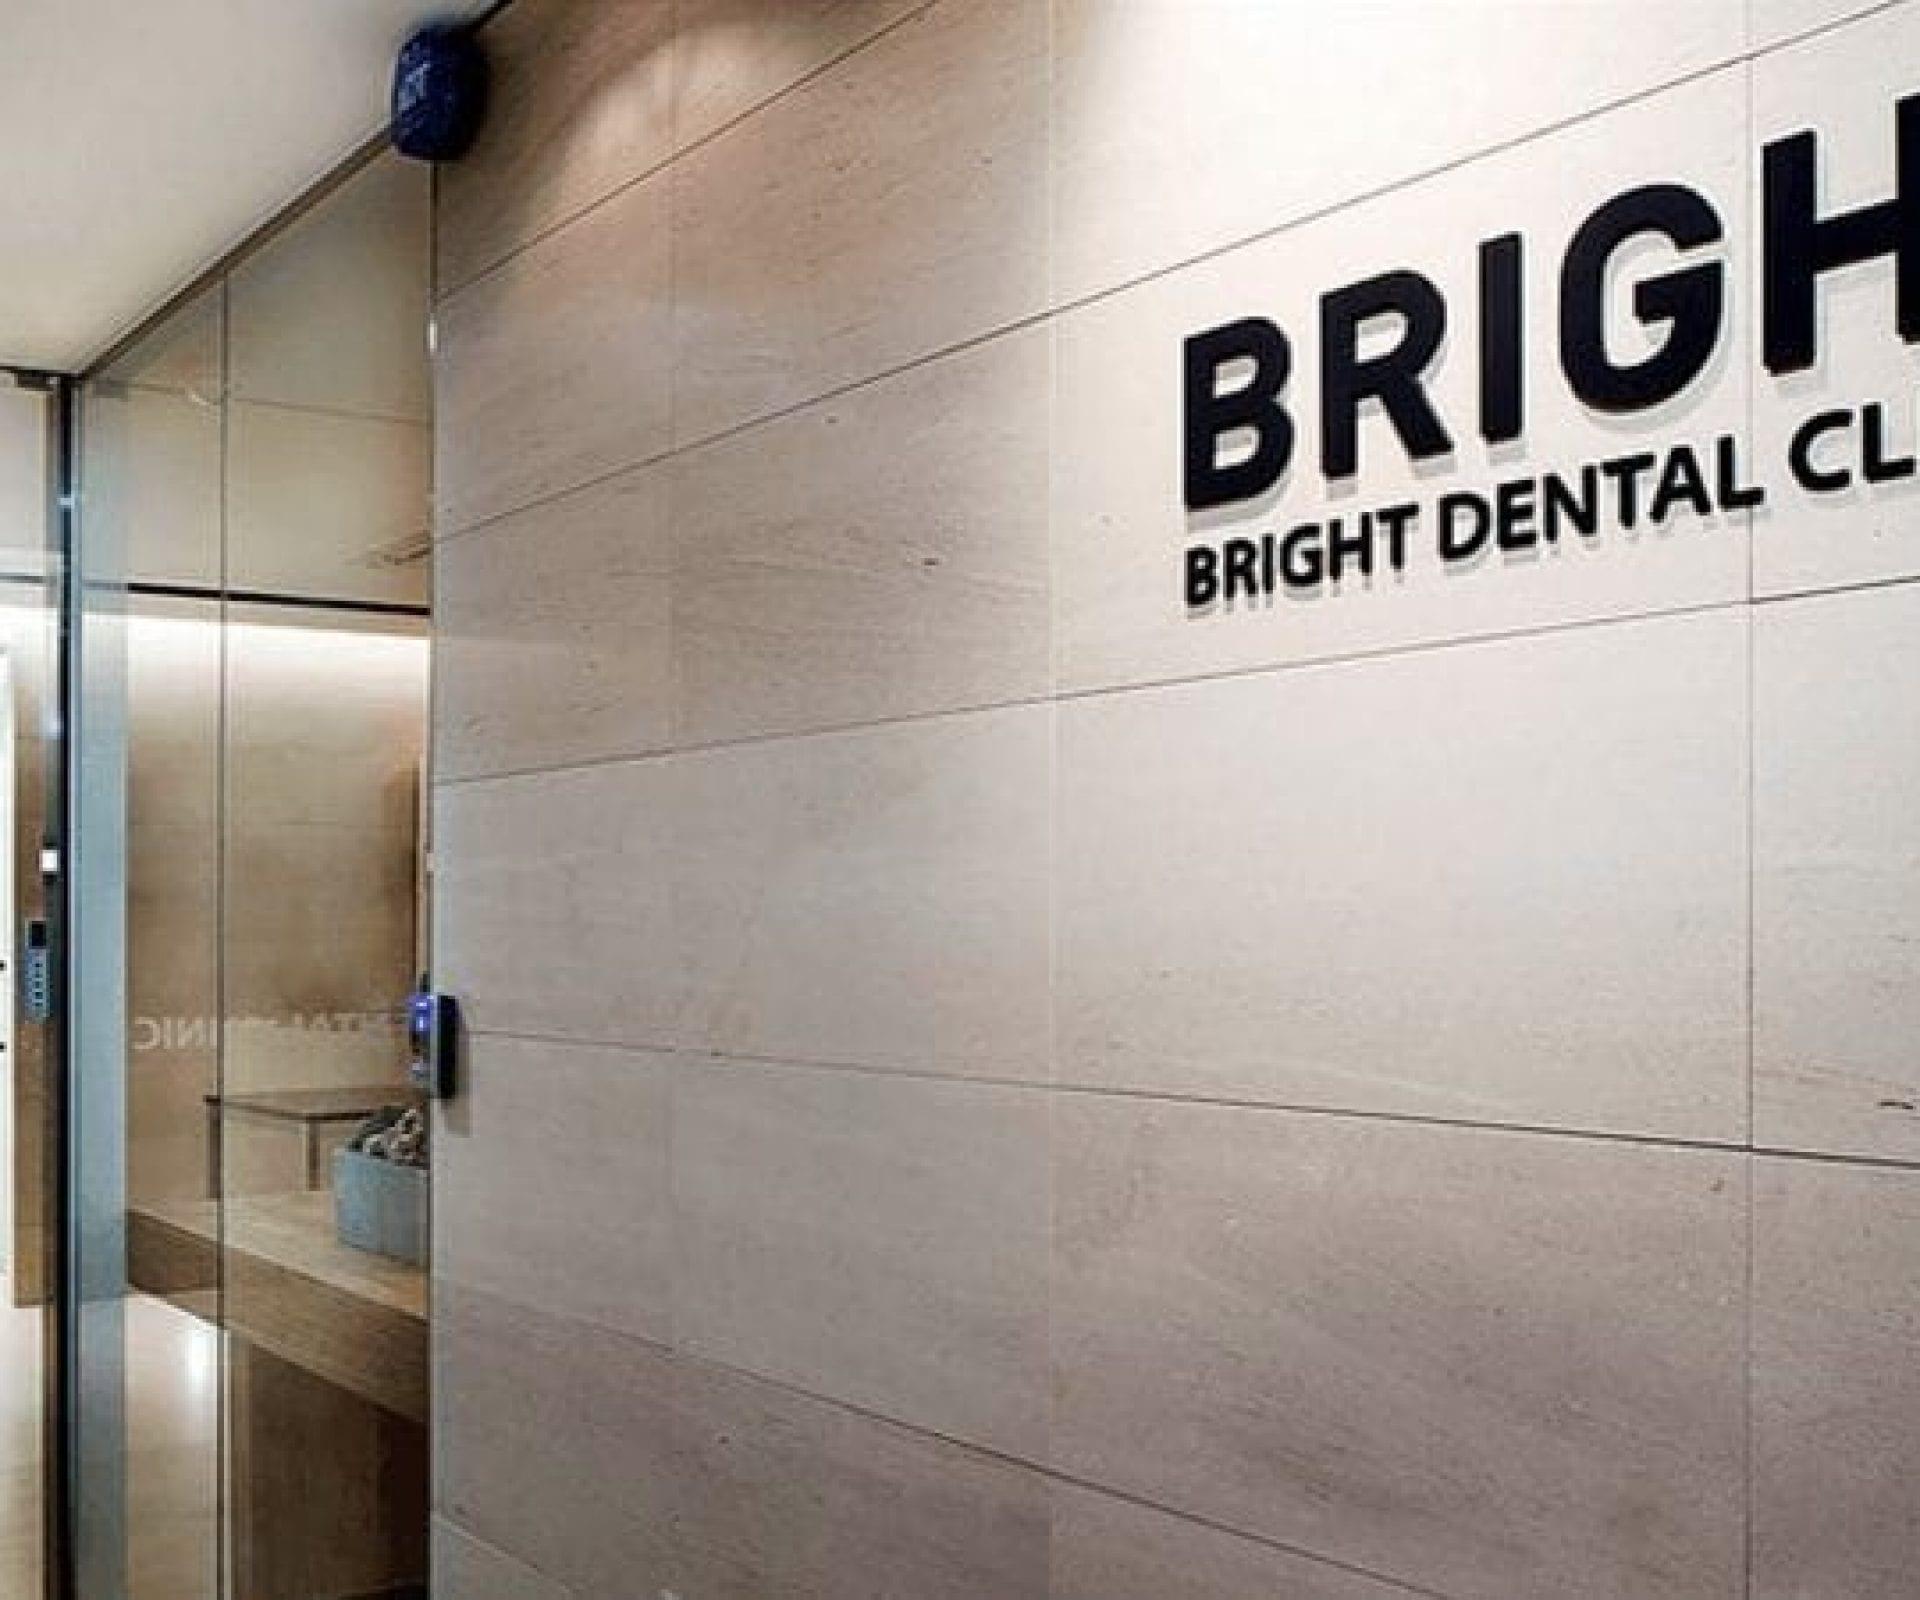 Bright Dental Clinic | Yongsan-gu, Seoul